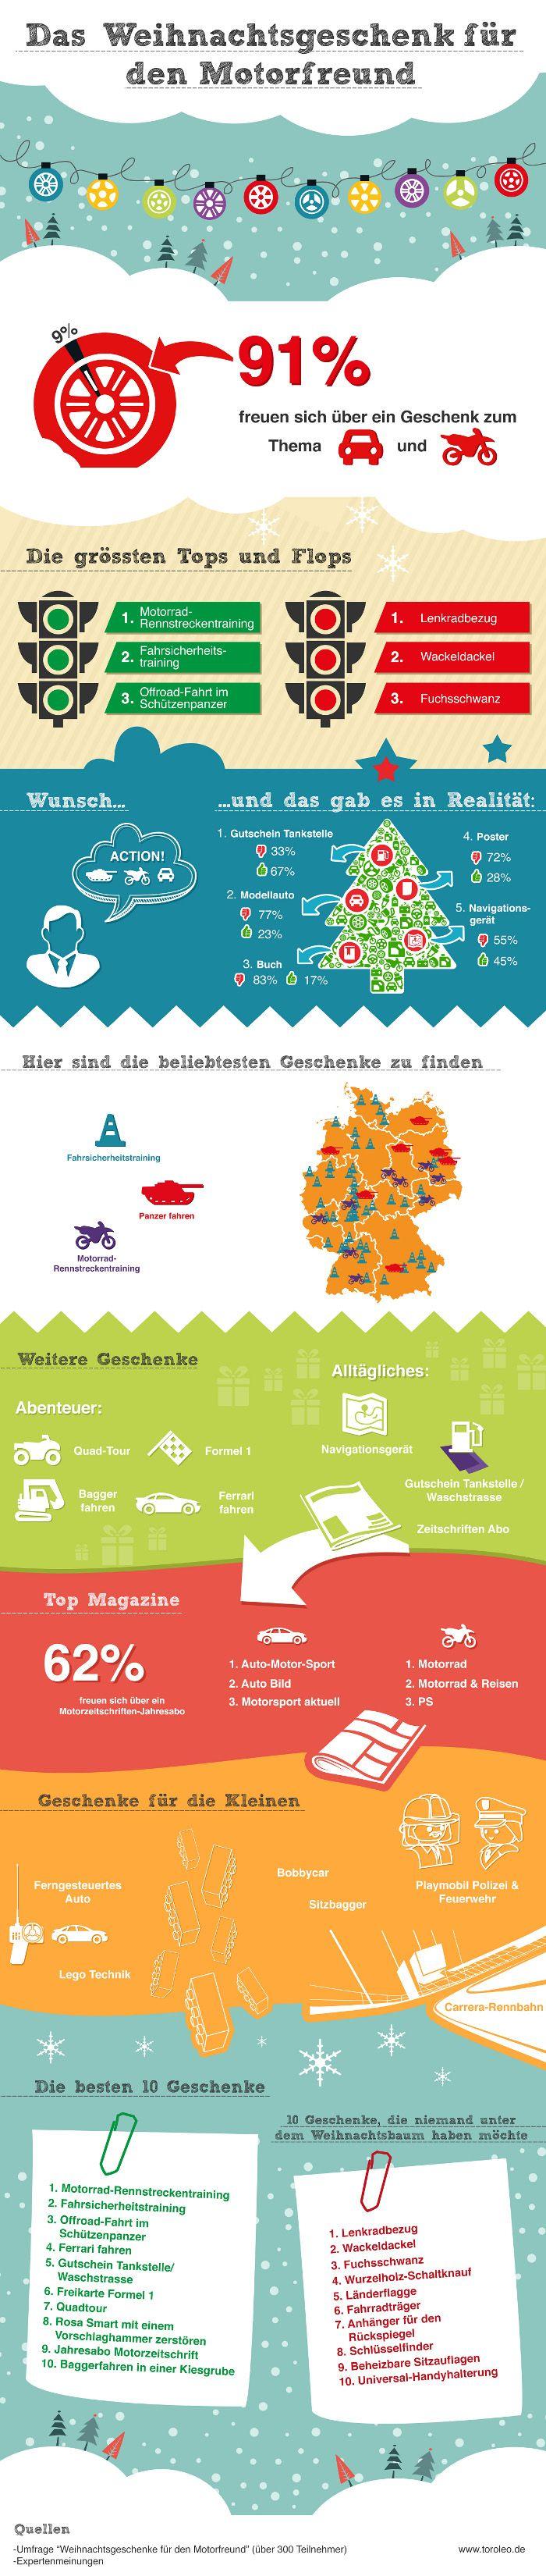 Weihnachtsgeschenke für den Motorfreund Infografik | Reifen.de